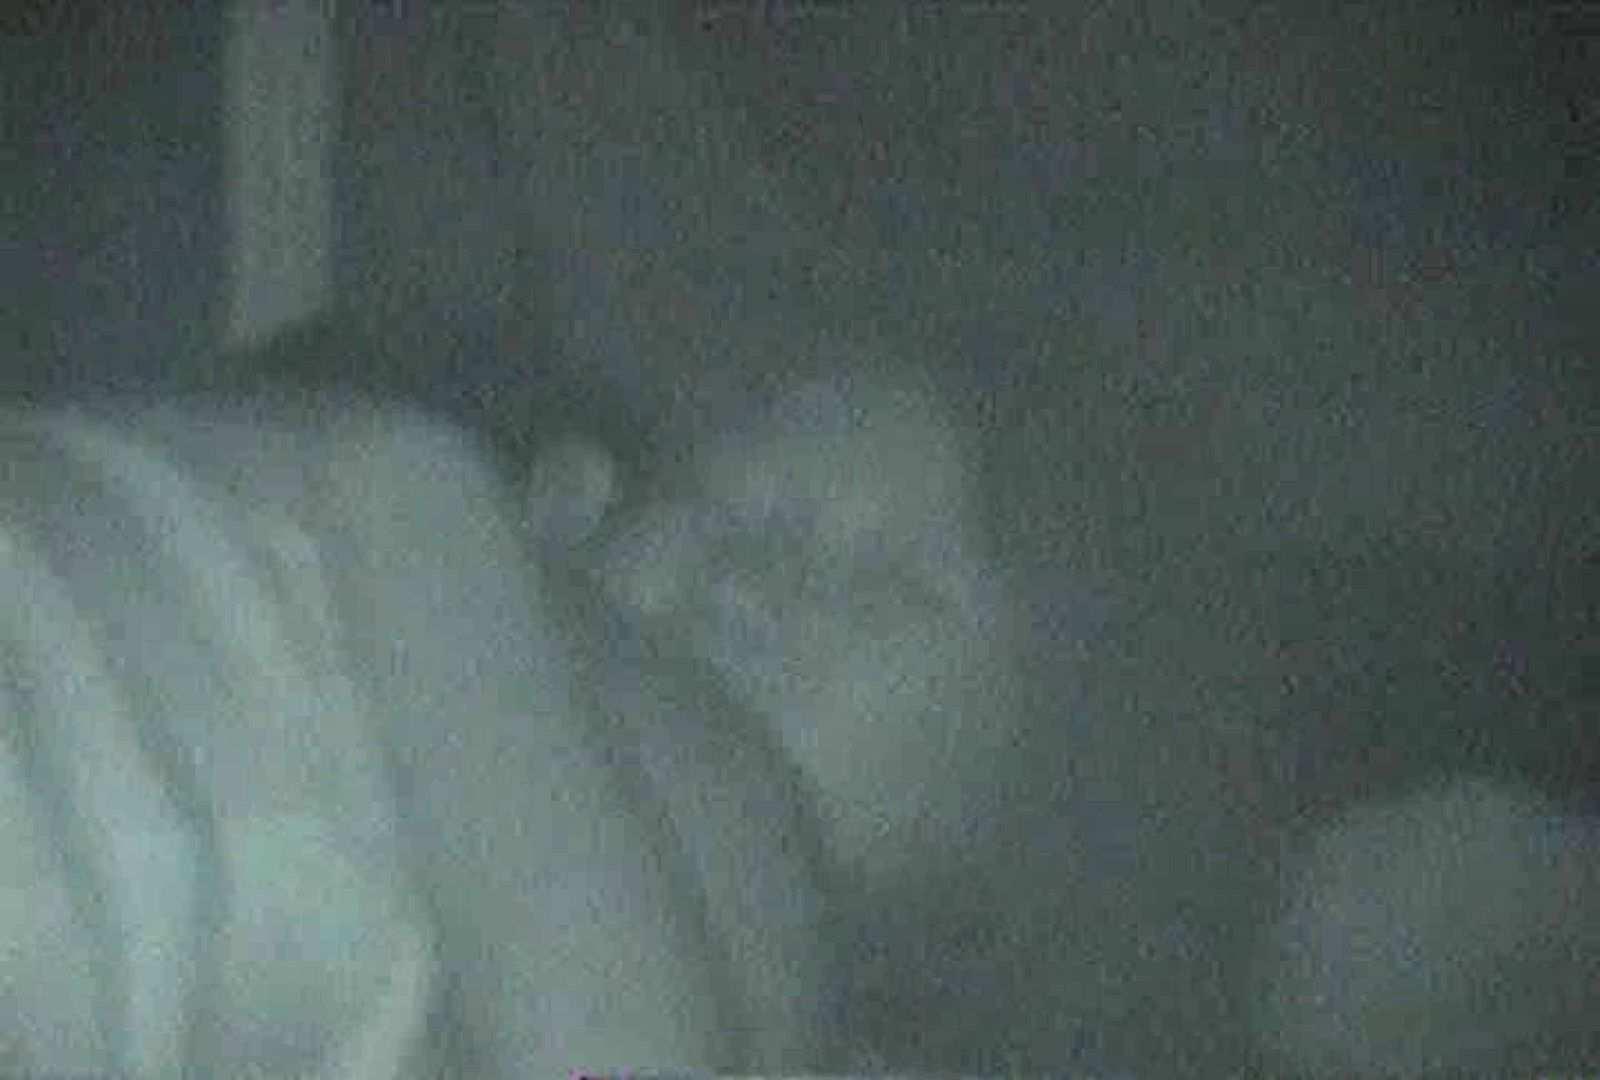 充血監督の深夜の運動会Vol.60 パイパン エロ画像 90pic 6